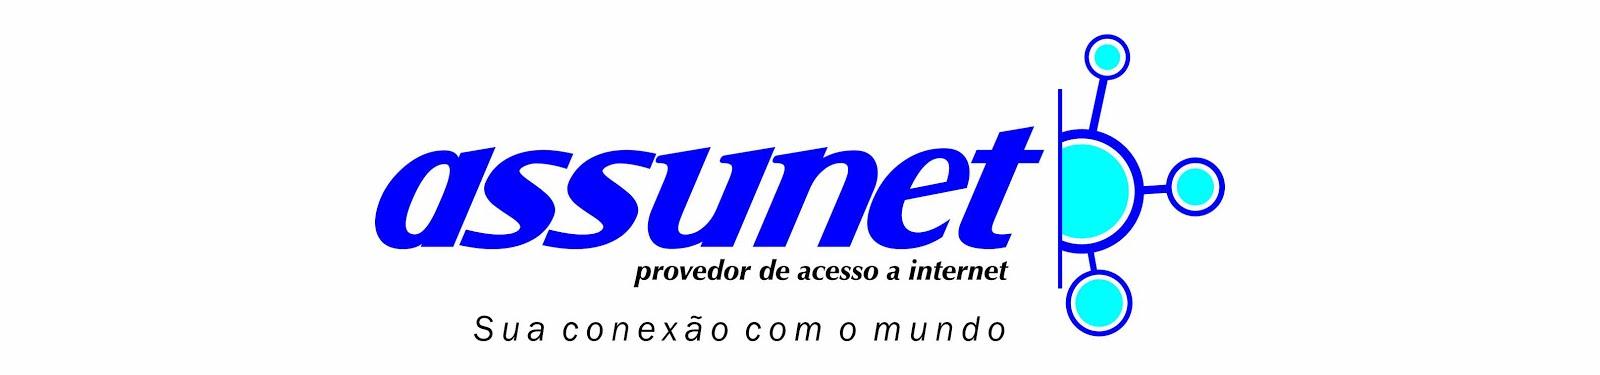 ASSU NET